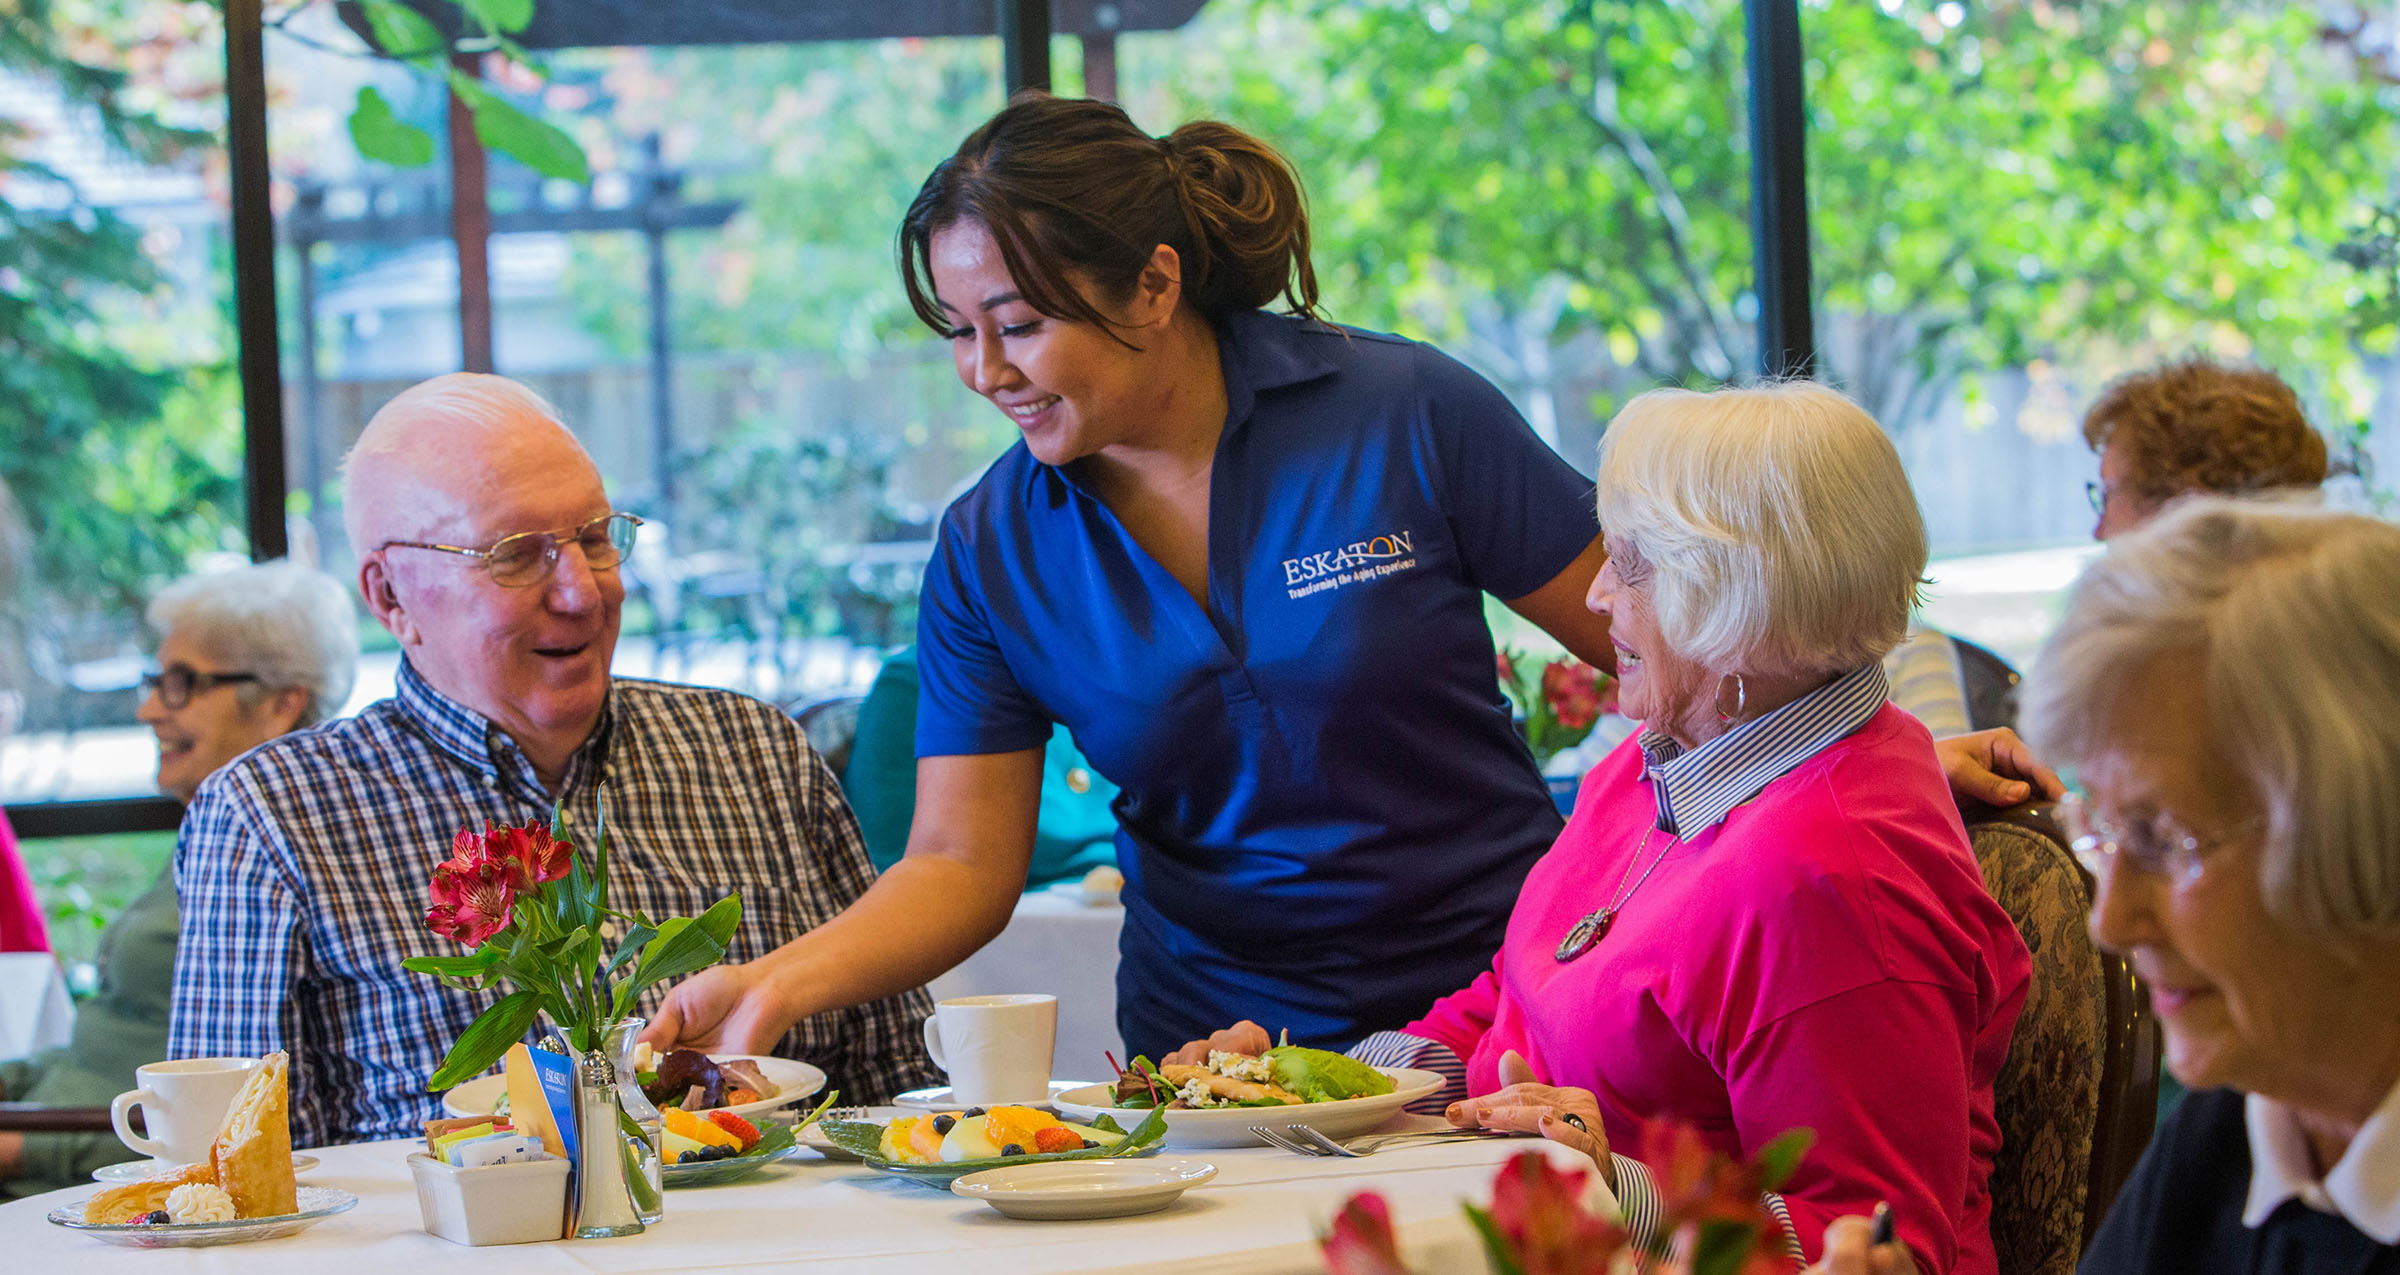 Can I Afford to Move Into a Senior Living Community? | Eskaton